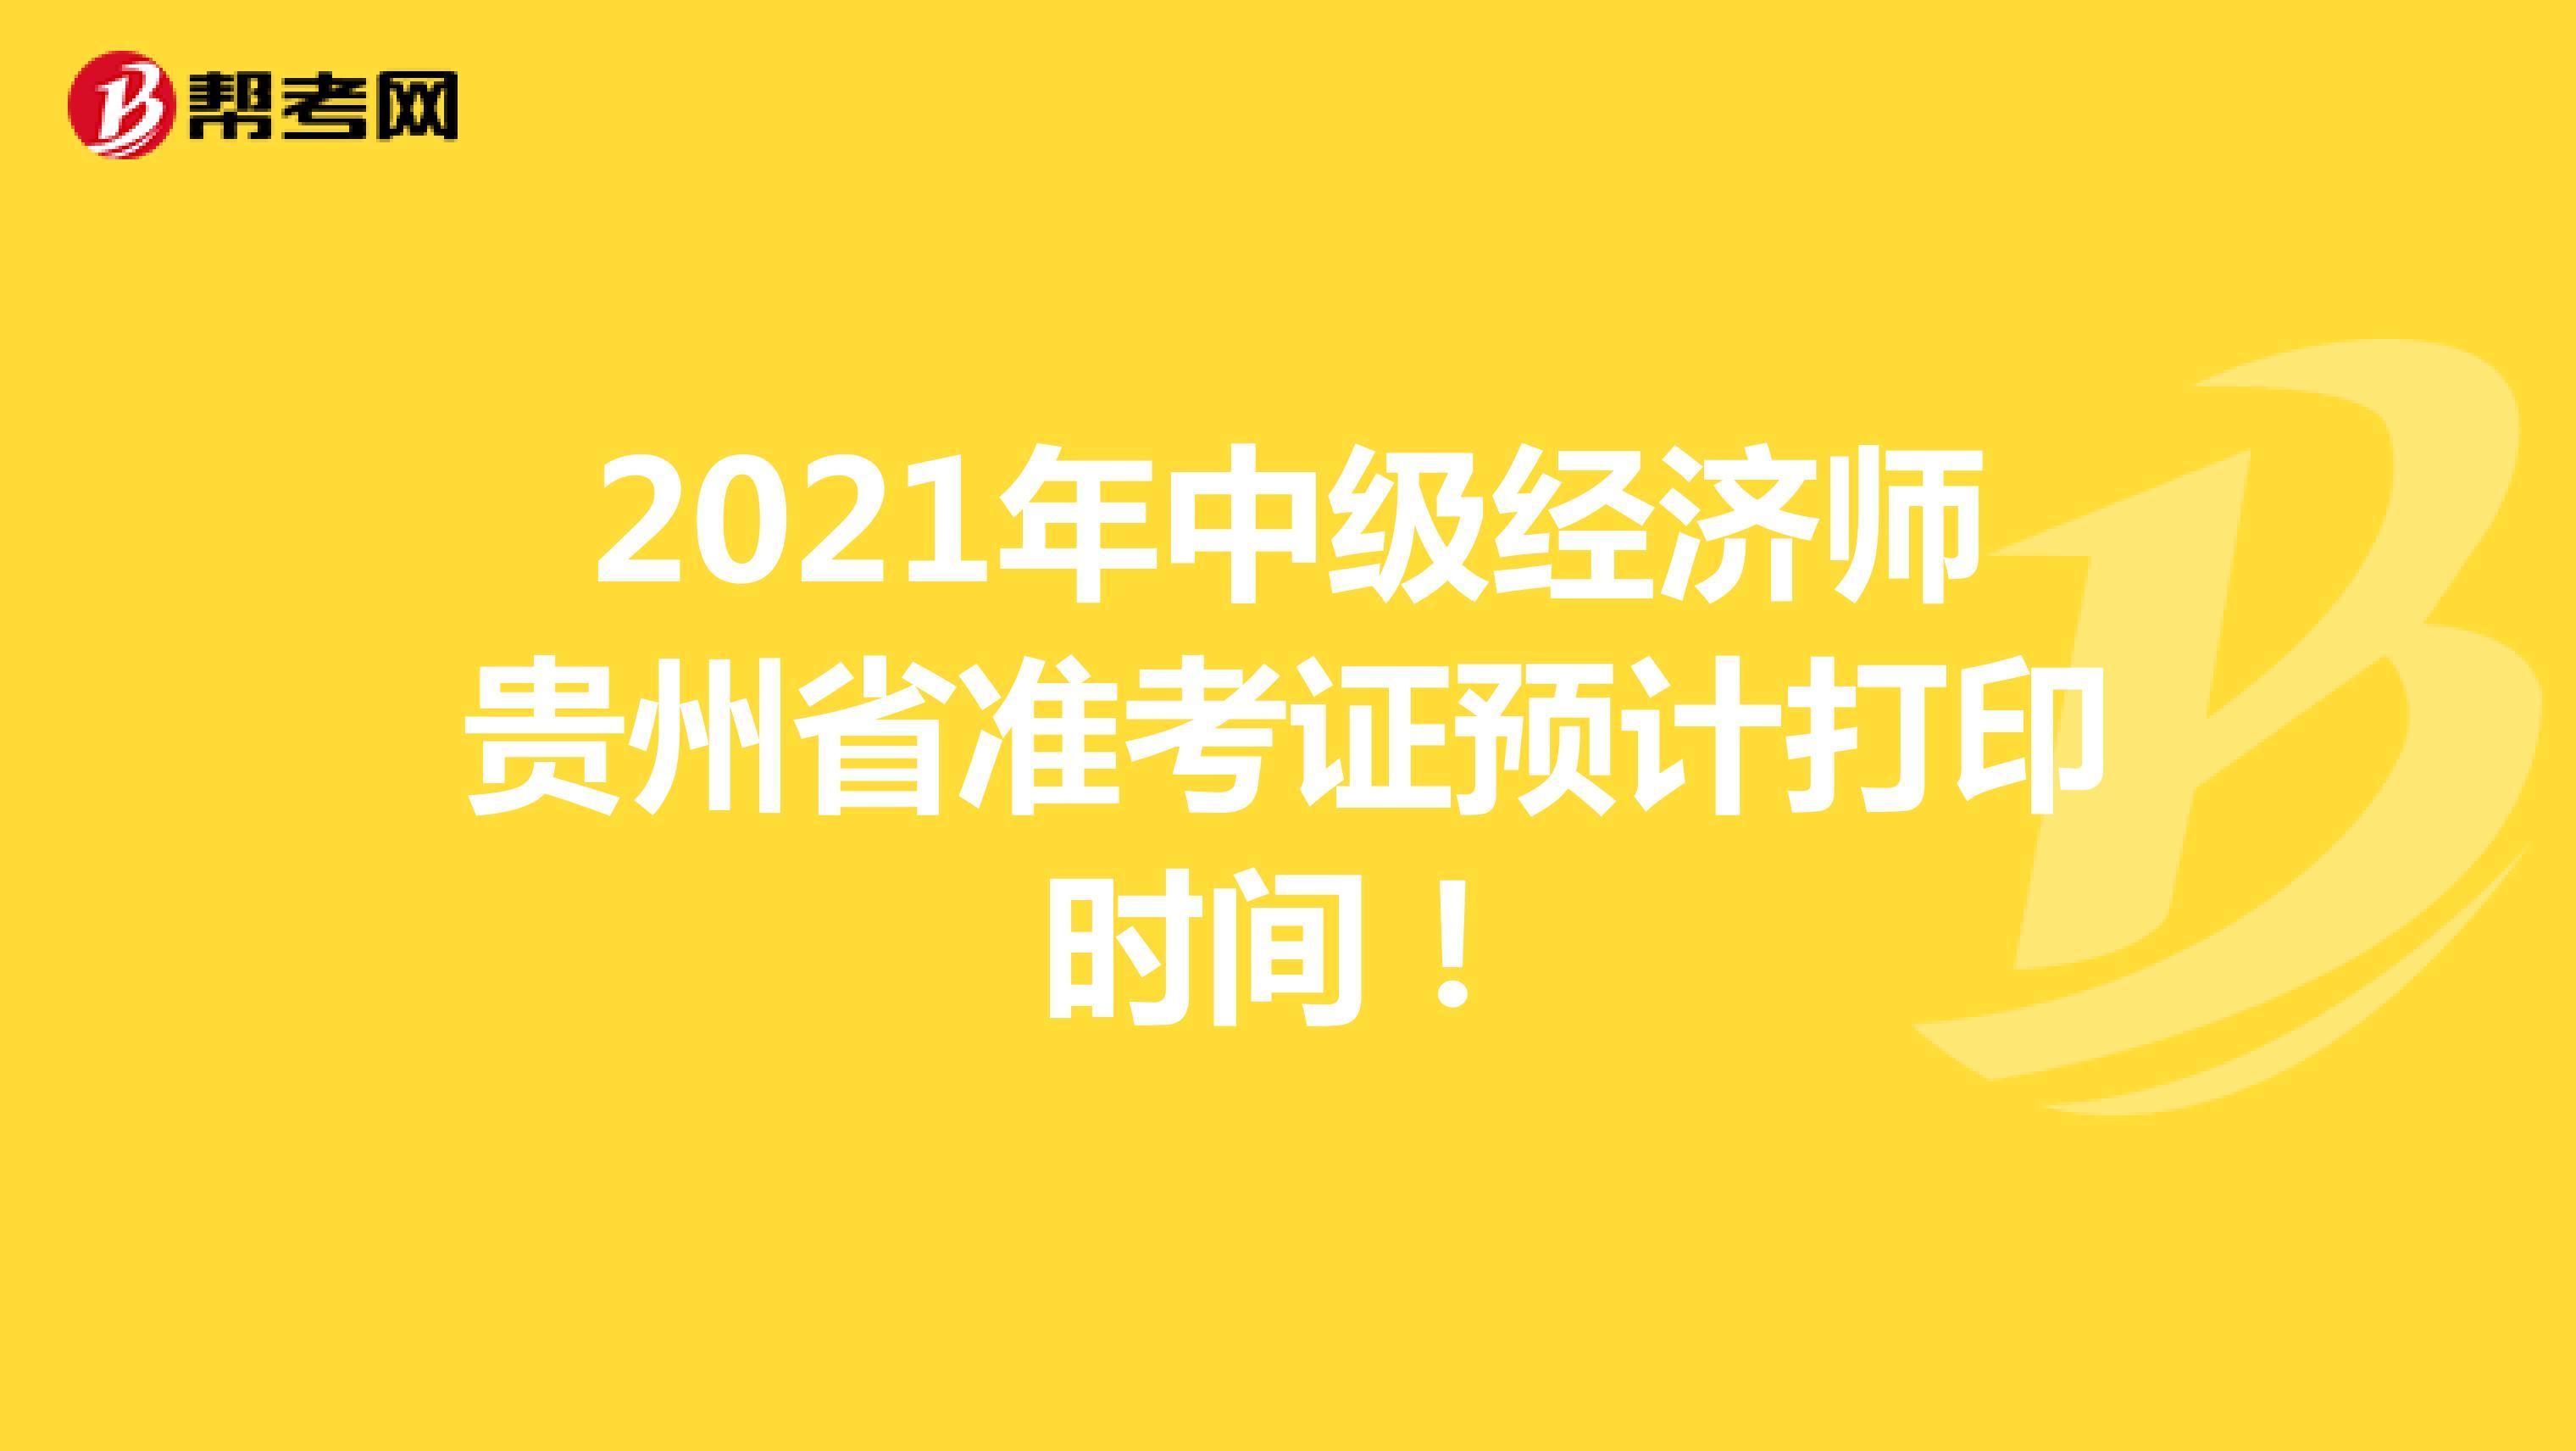 2021年中級經濟師貴州省準考證預計打印時間!